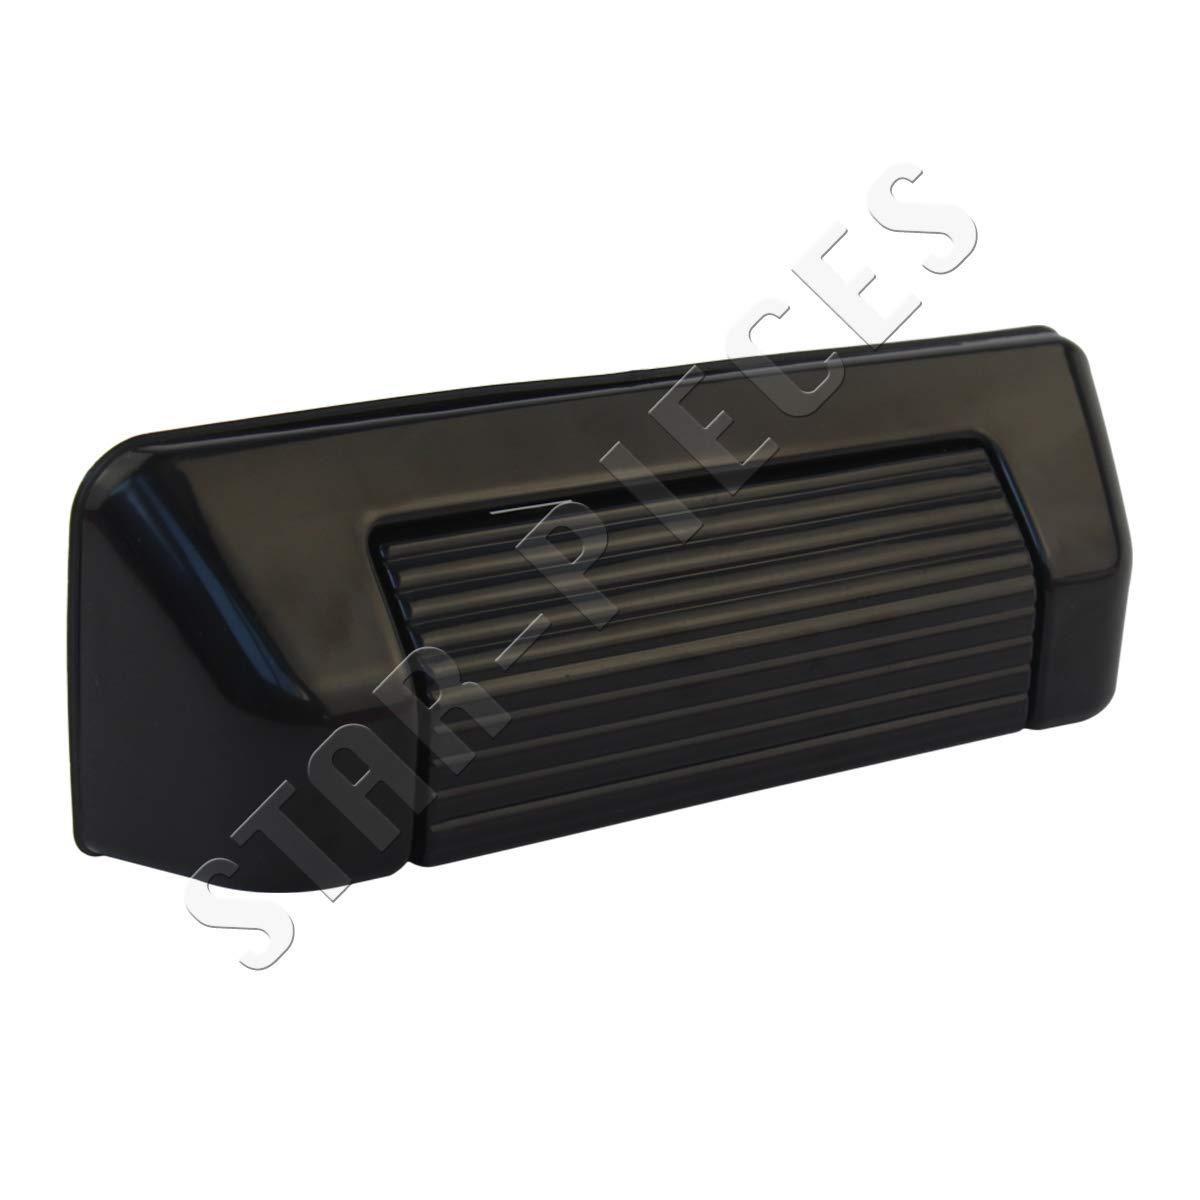 Maniglia esterna bagagliaio o baule posteriore per Vitara 88-99 e Vitara Cabriolet 88-02